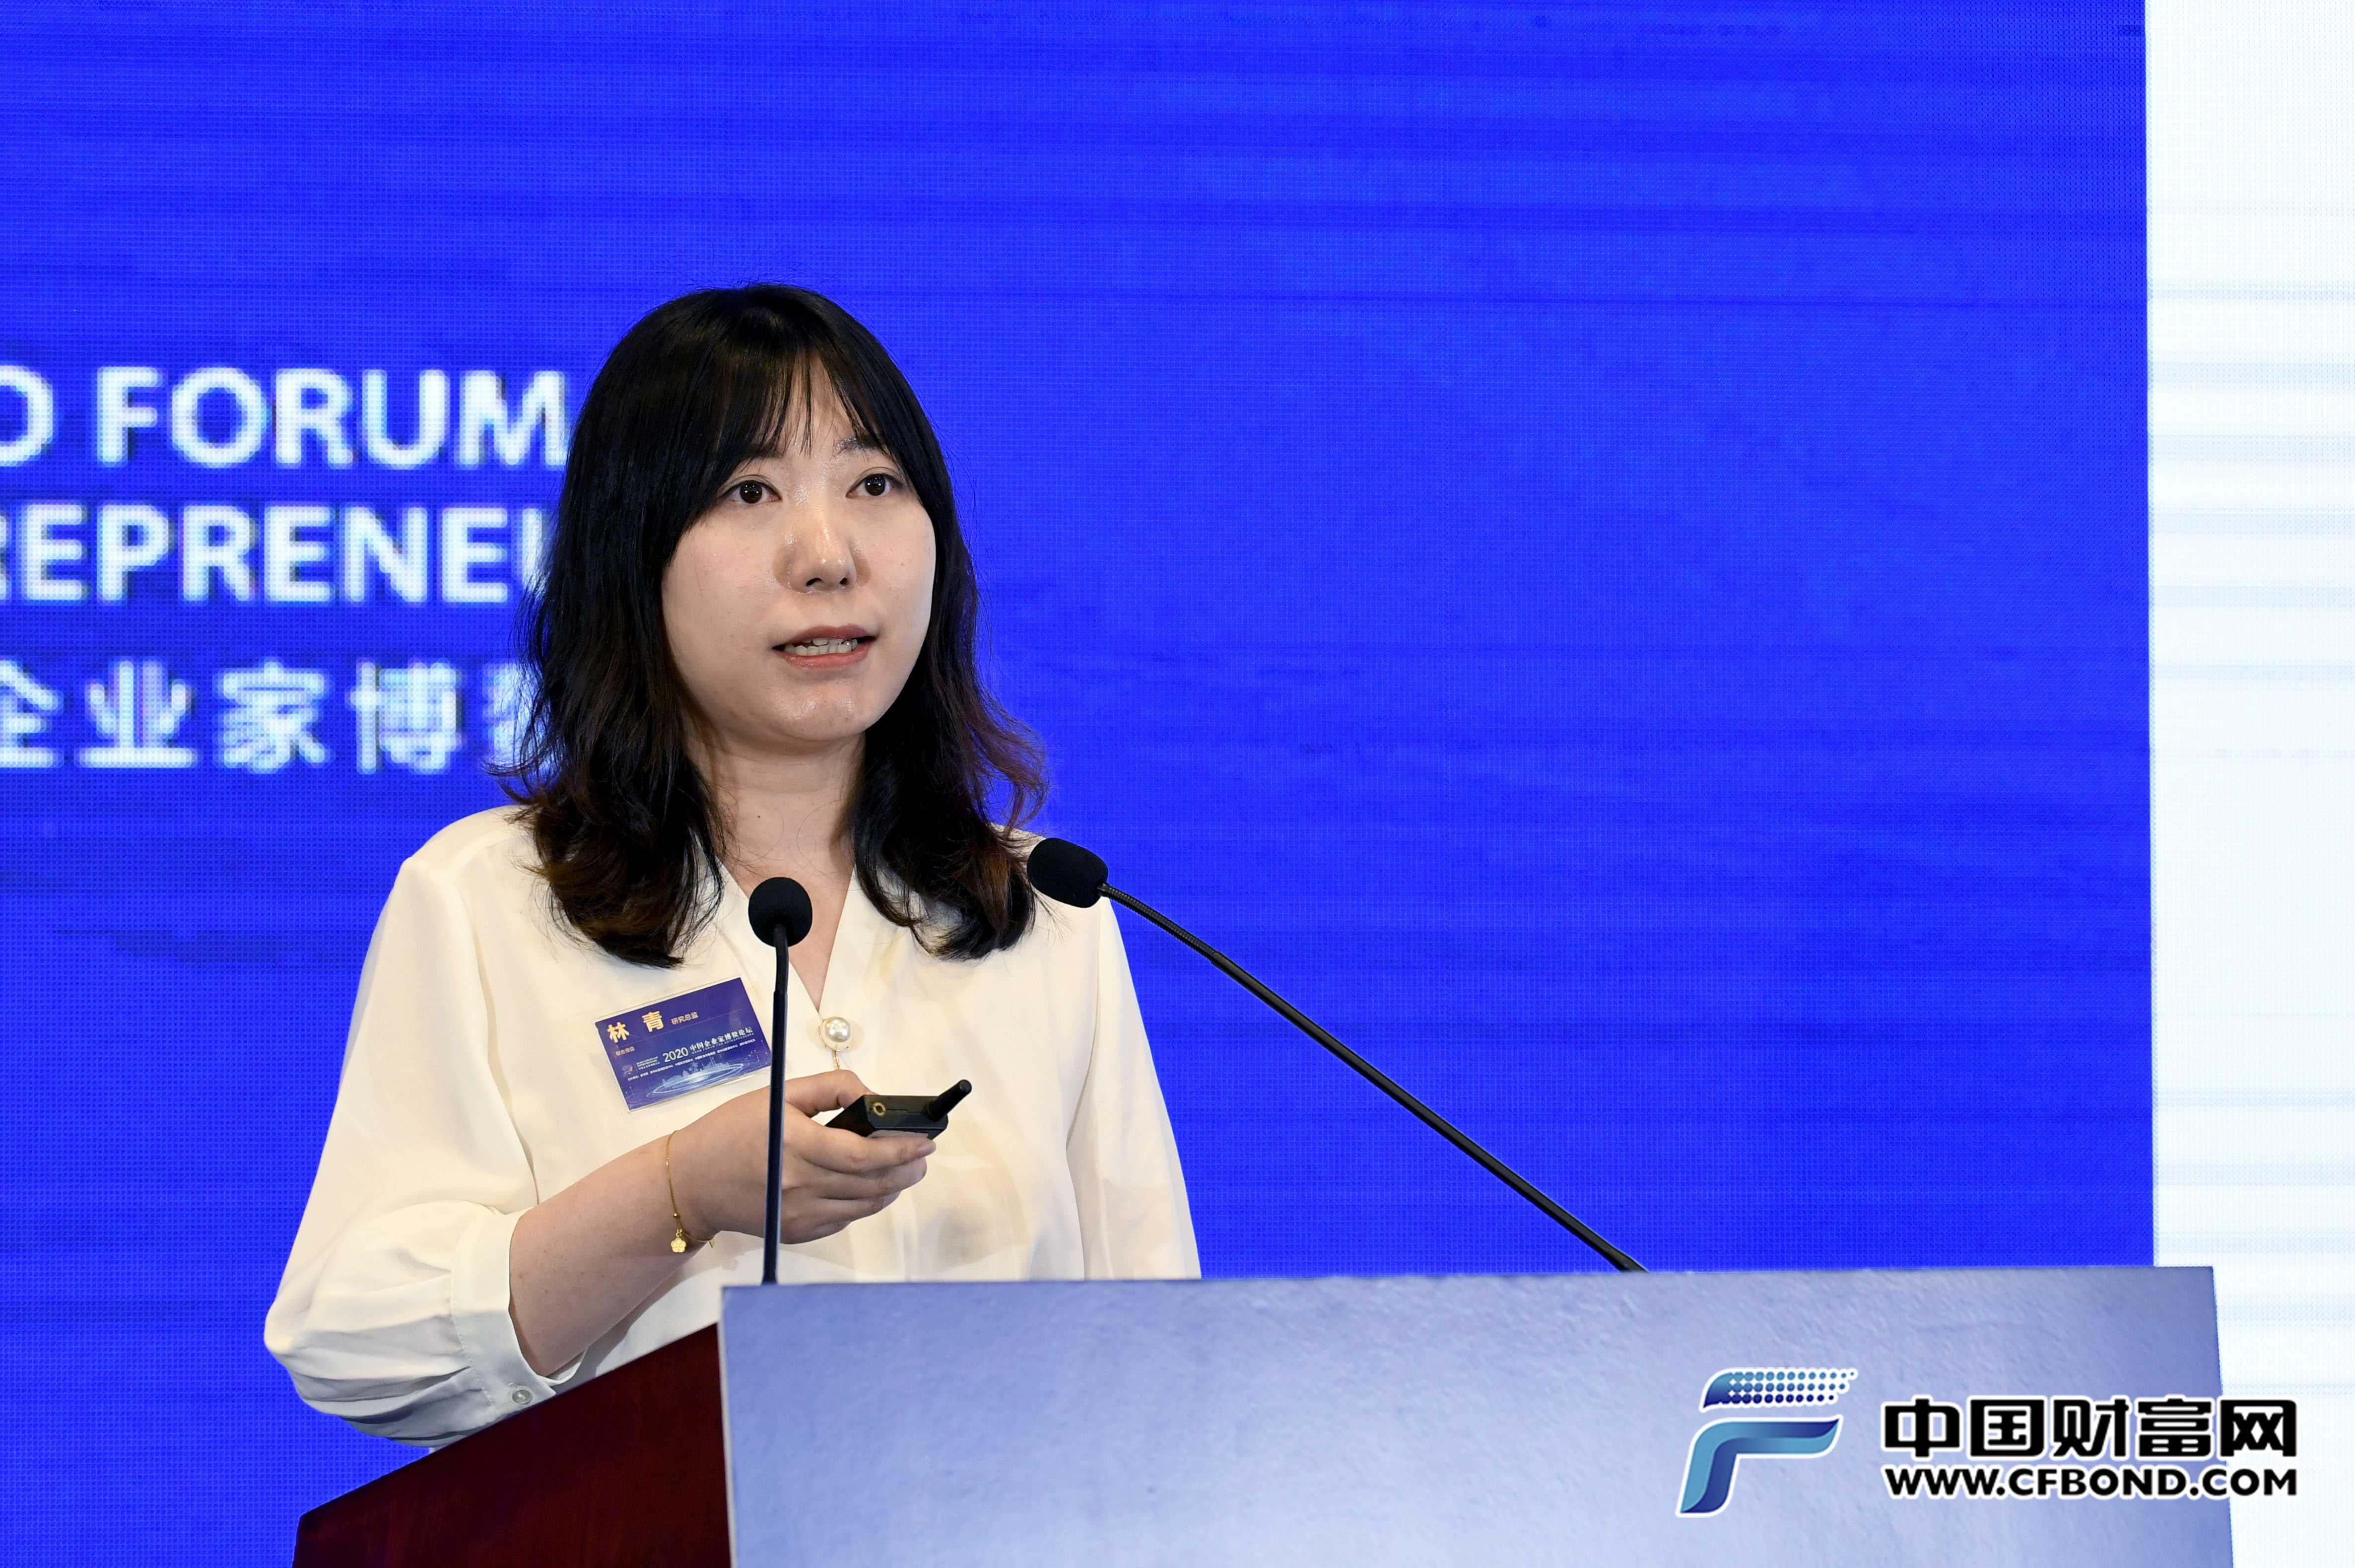 联合资信评估股份有限公司研究总监林青发表主旨演讲